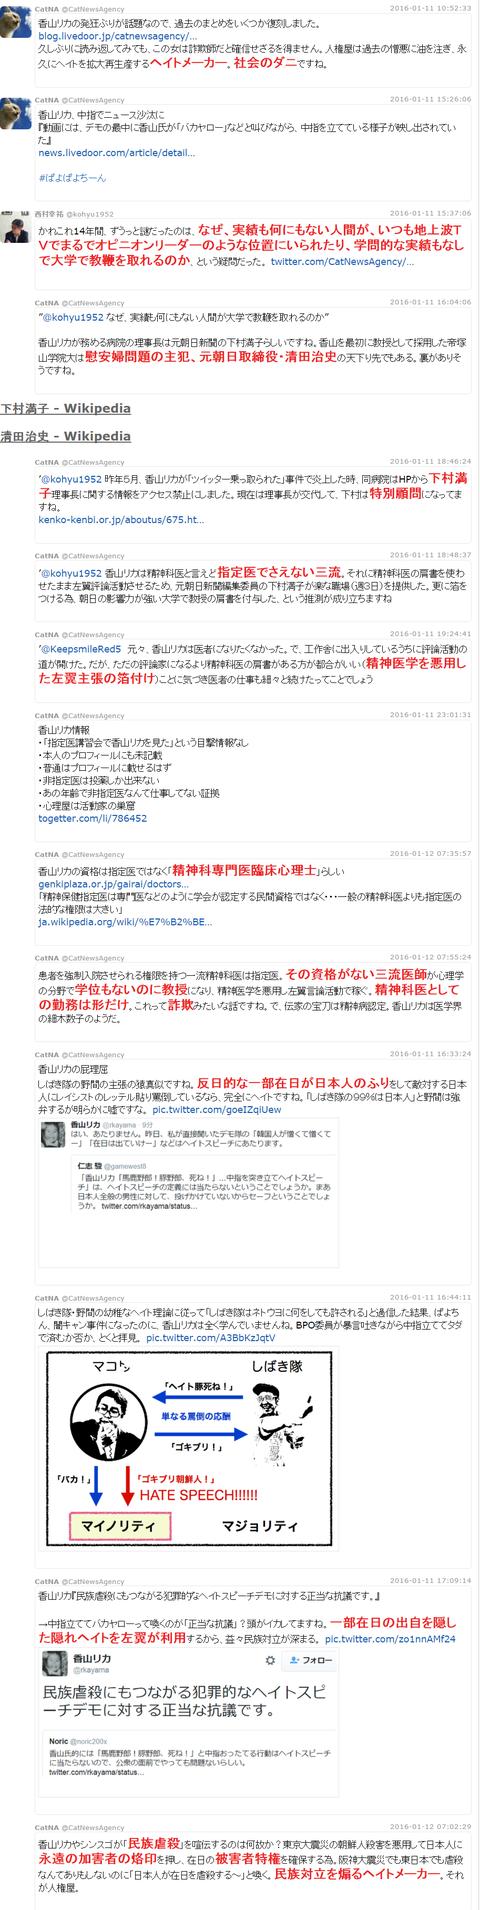 香山リカ研究